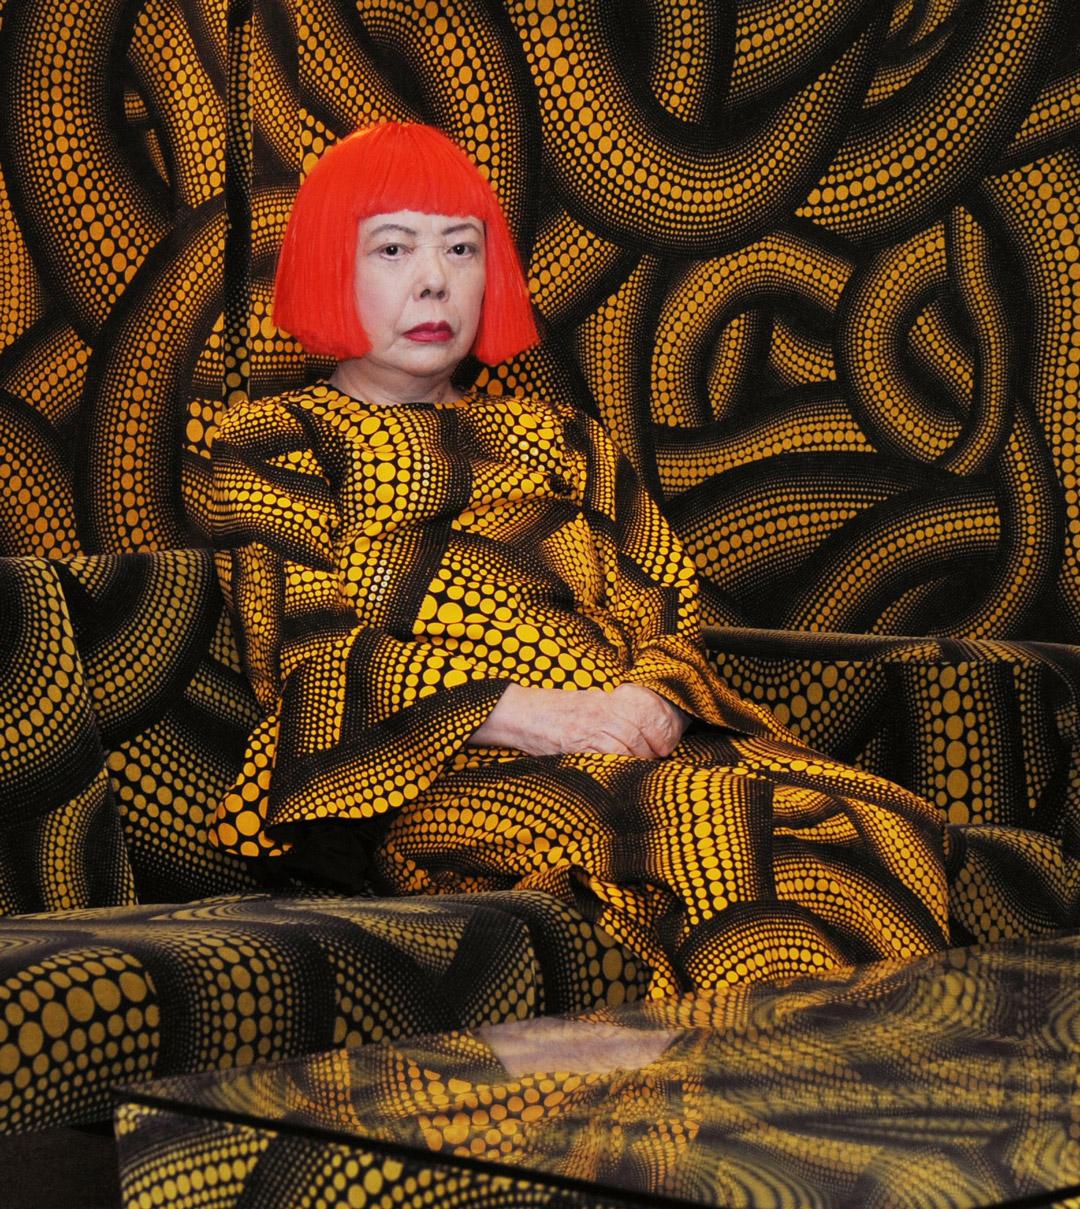 About The Exhibition Yayoi Kusama Infinity Mirrors